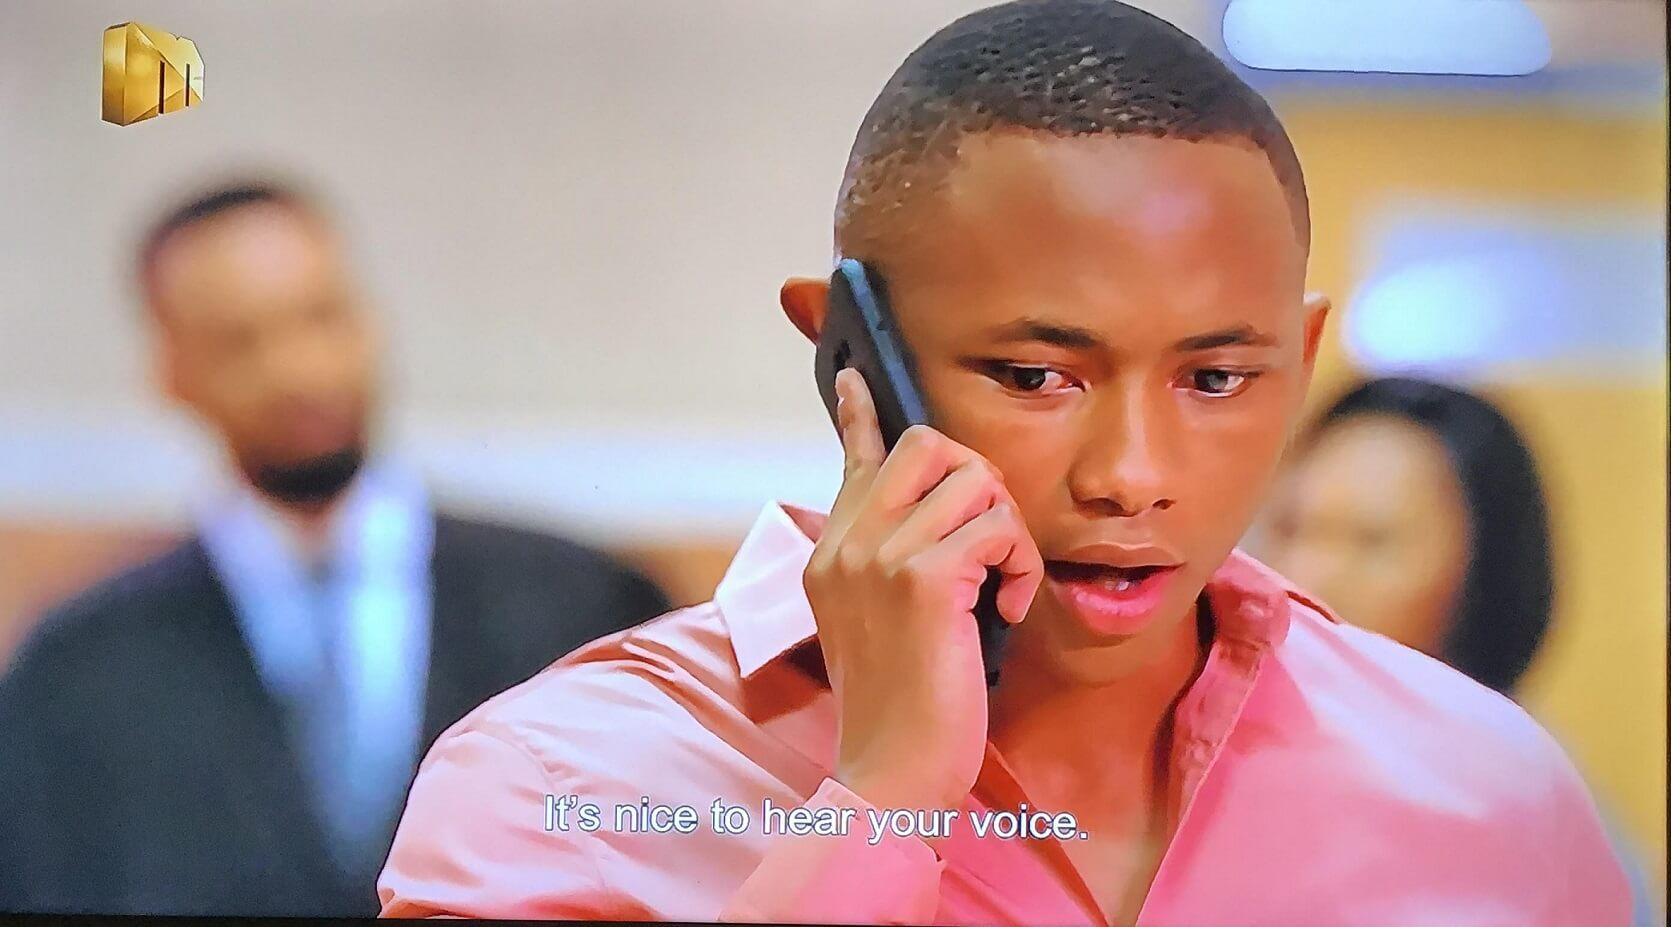 Ntokozo speaking to Buhle